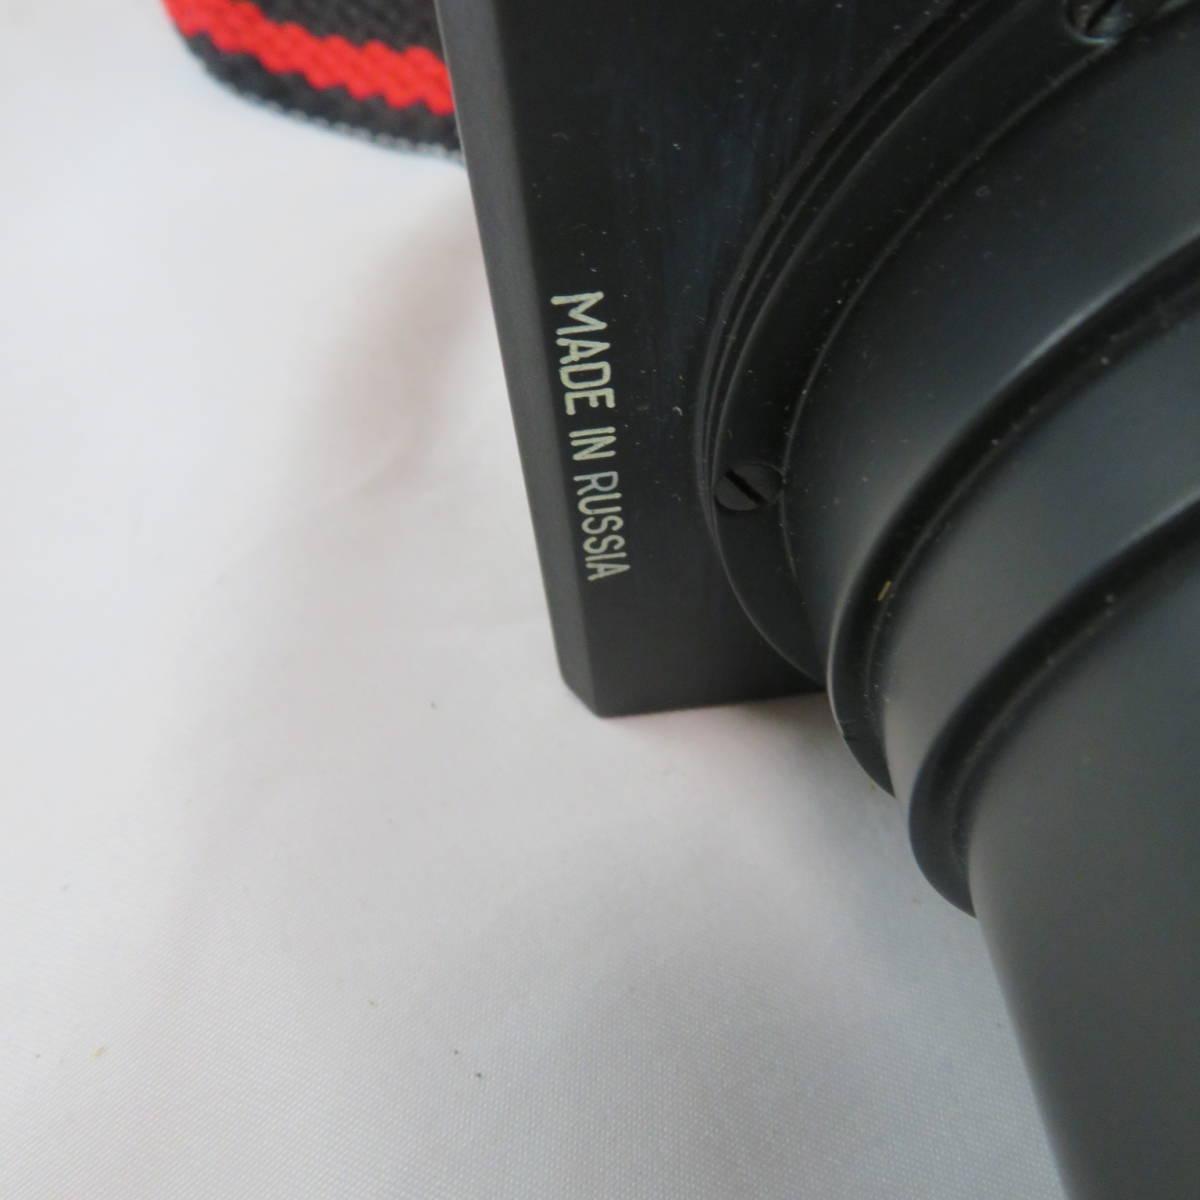 【ケース付き】H3 T-8N made in russia ロシア製 ナイトスコープ サバゲー (30-1156) _画像4